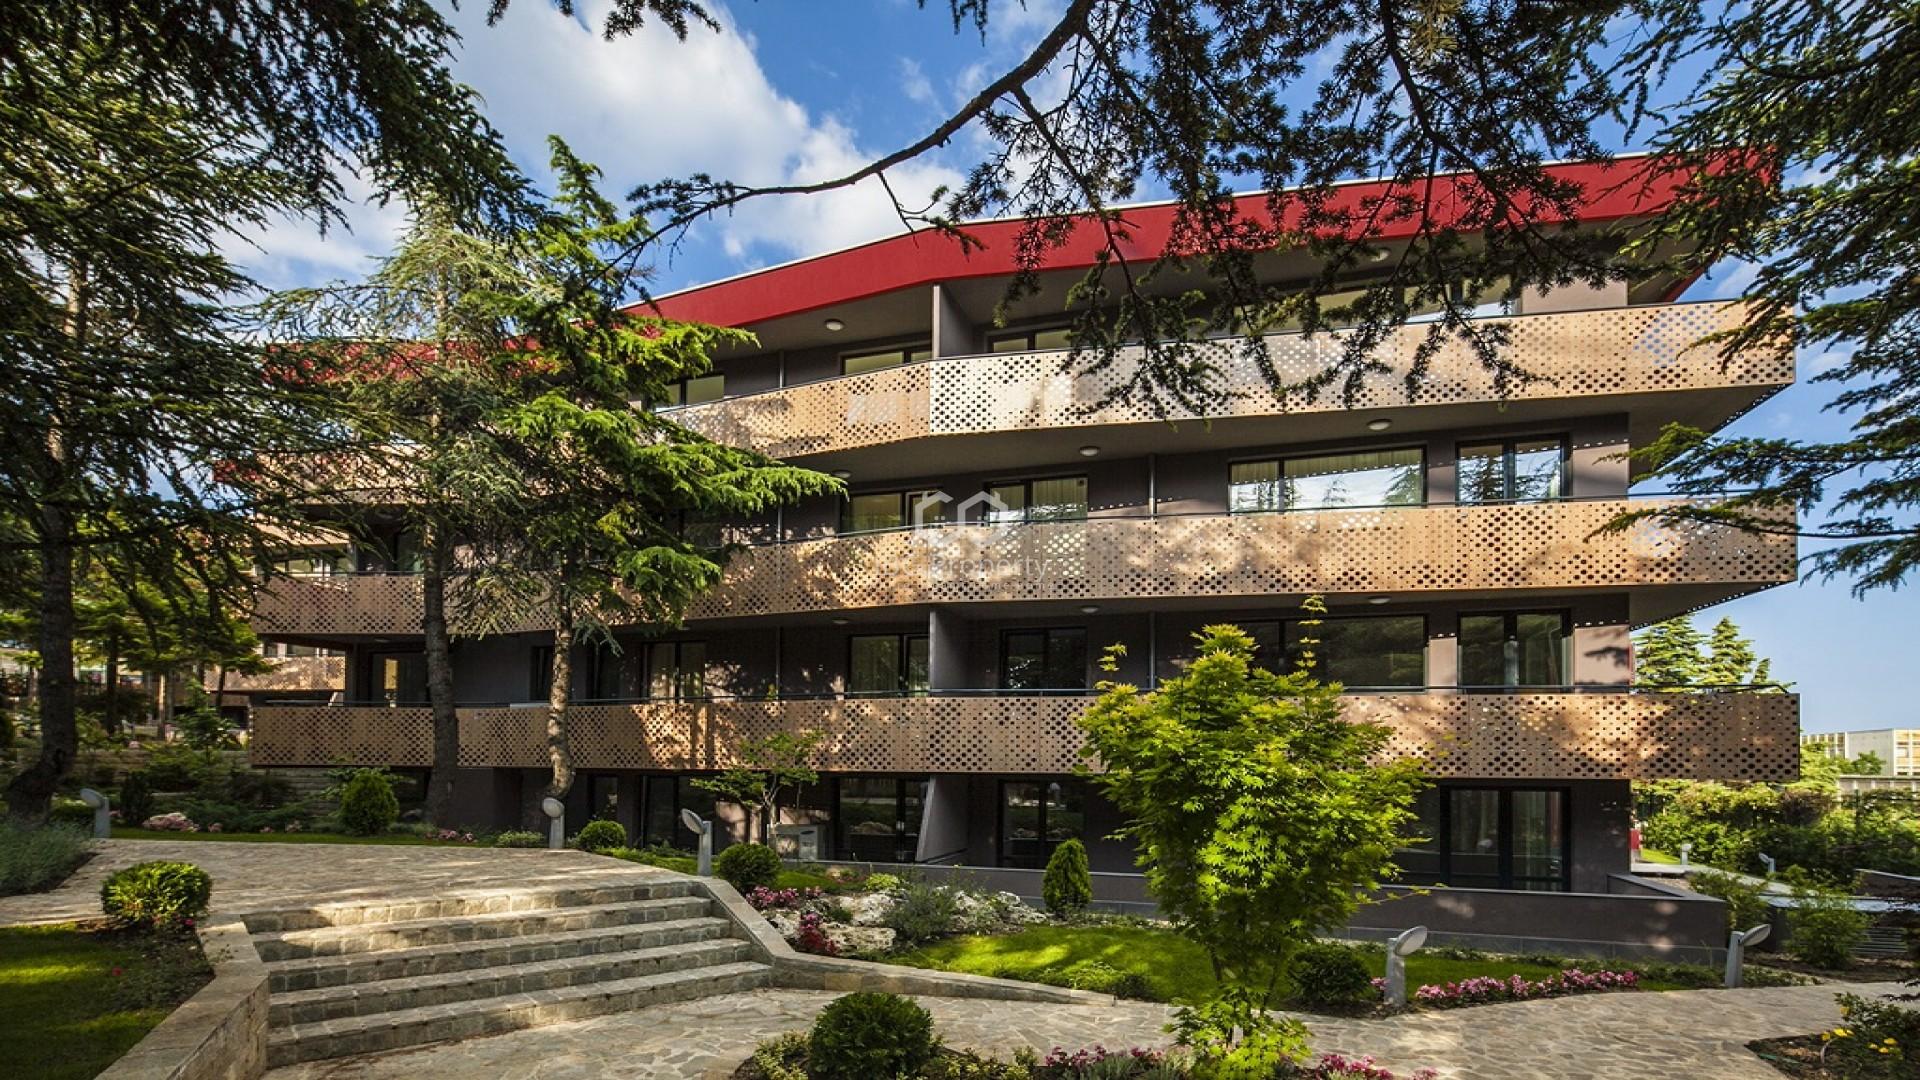 Tристаен апартамент Бриз Варна 128 m2